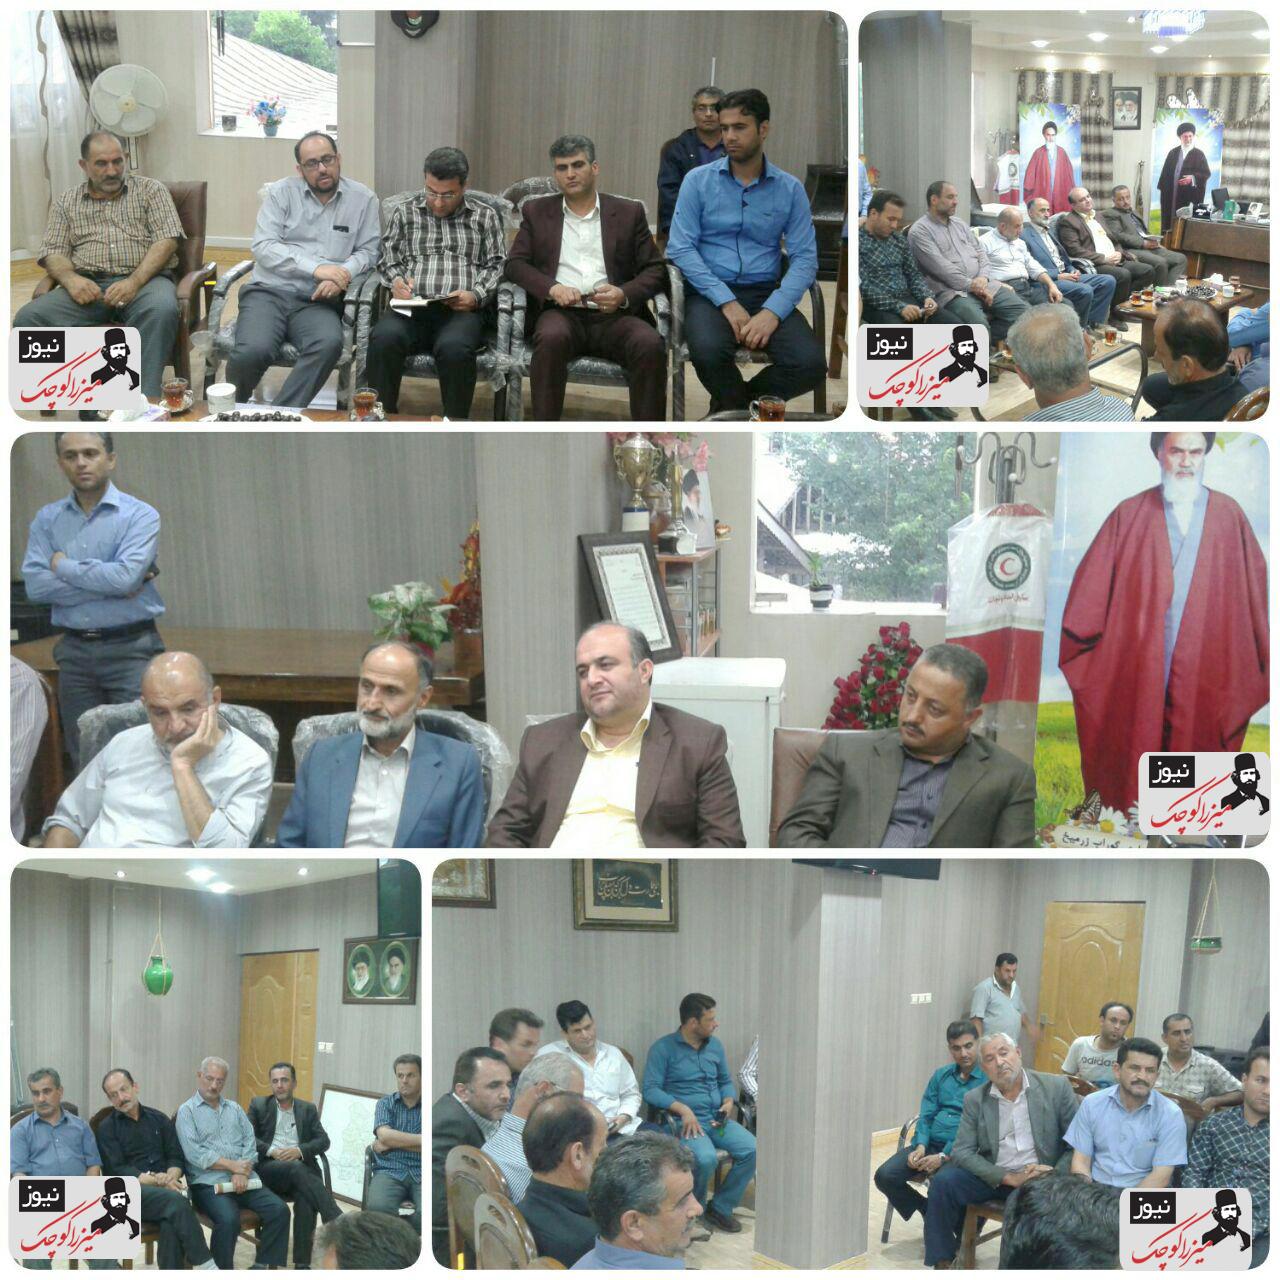 تشکیل جلسه رسیدگی به مشکلات برق در شهر گوراب زرمیخ